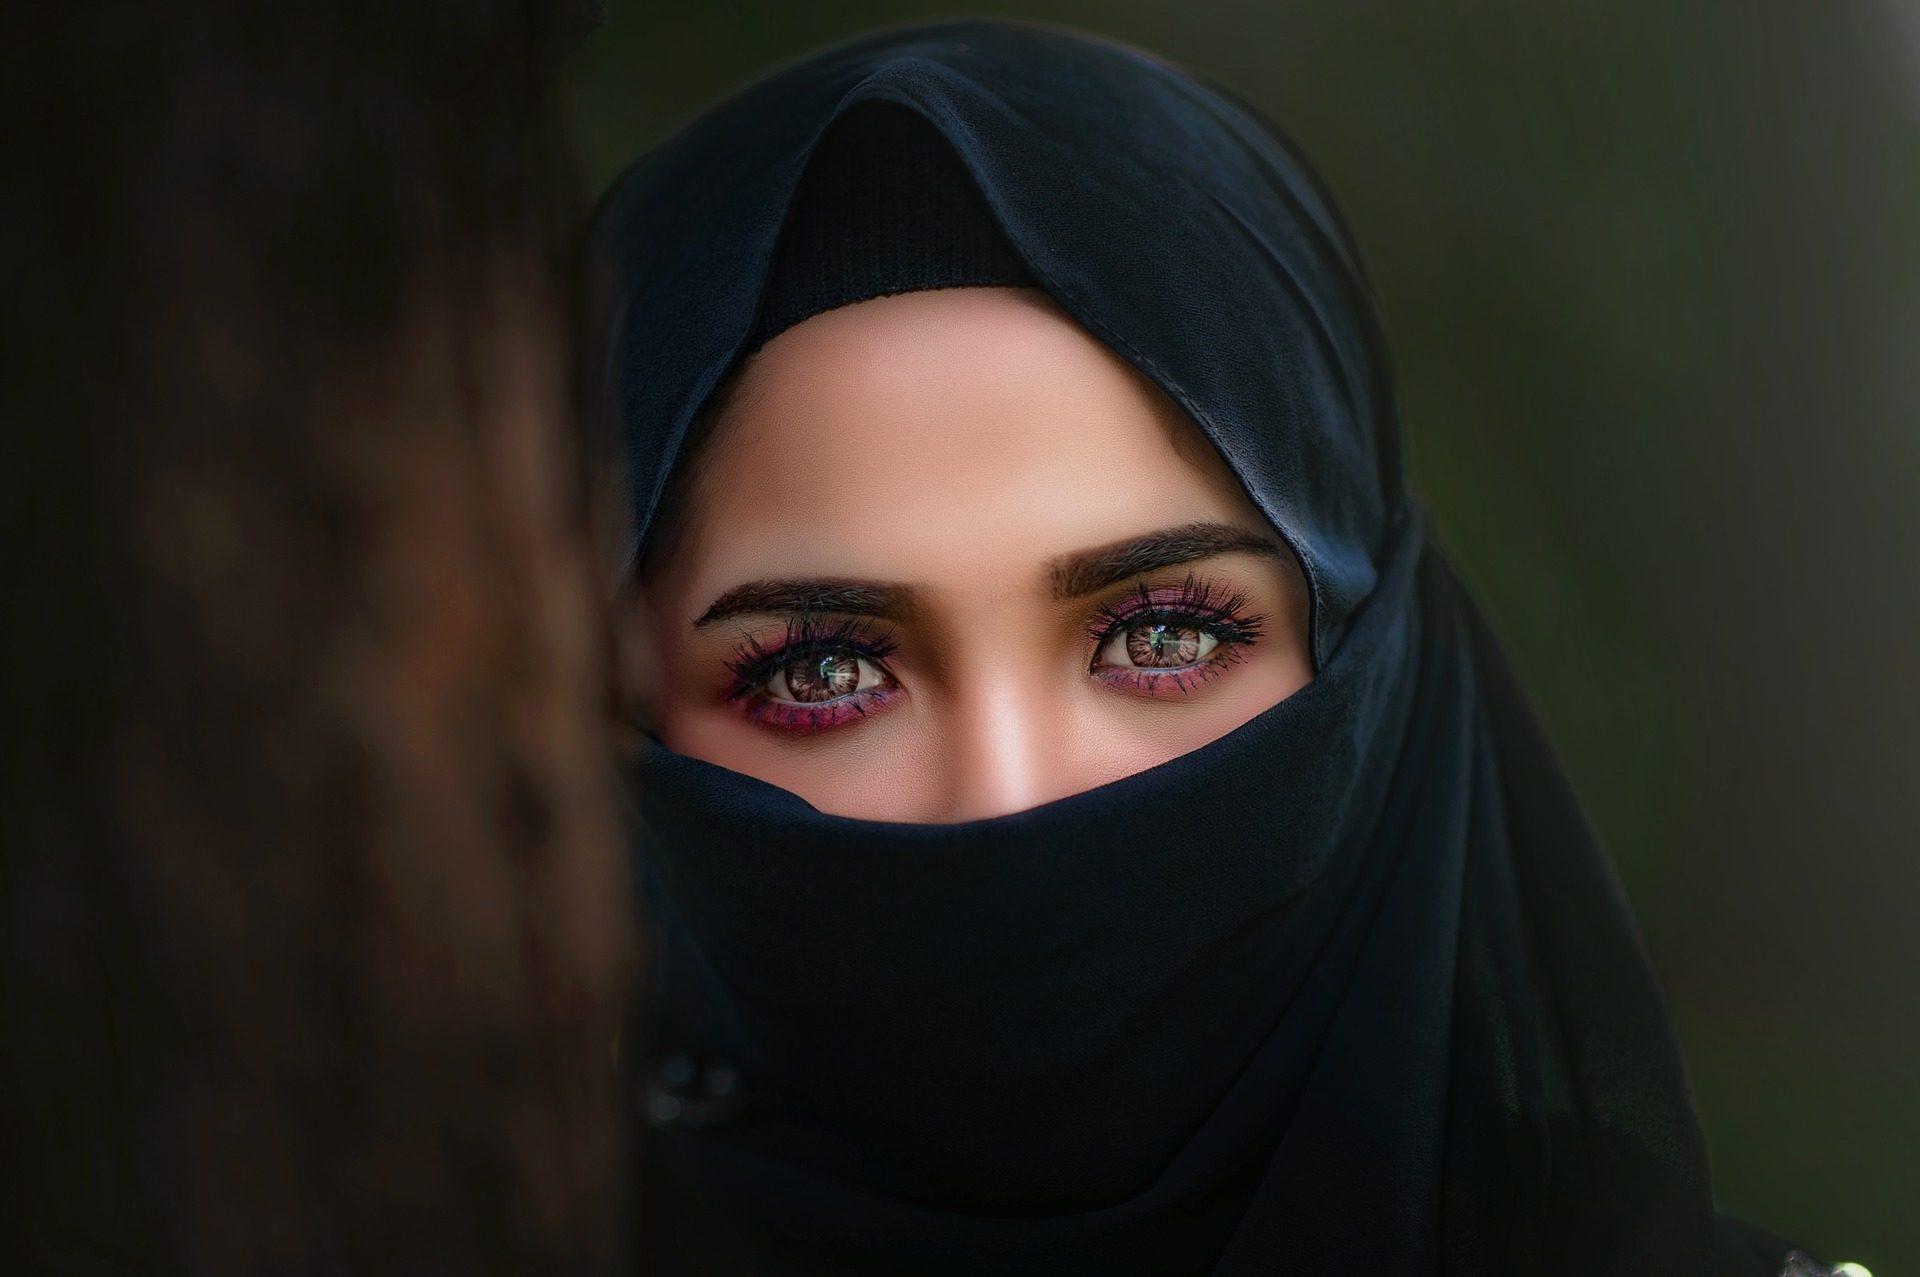 امرأة, عيون, نظرة, velo, الحجاب - خلفيات عالية الدقة - أستاذ falken.com